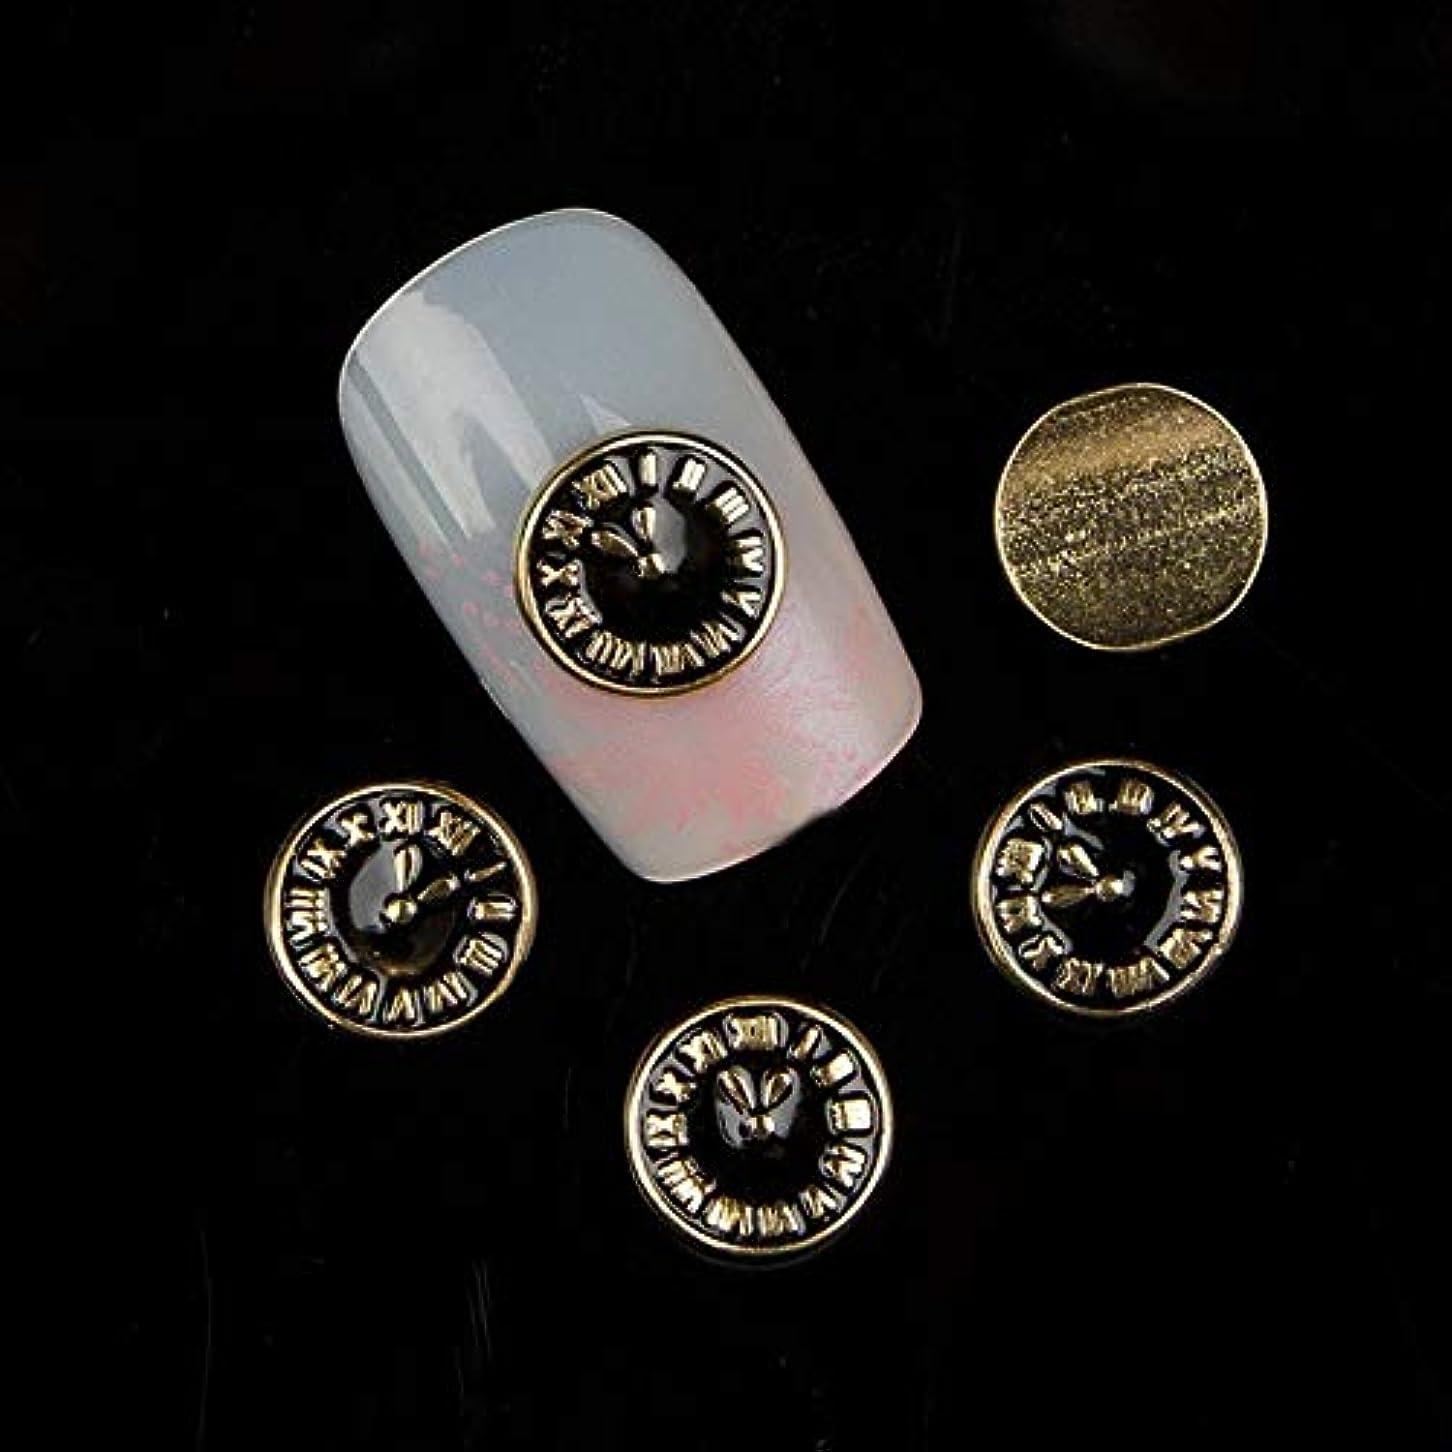 カード困惑する加害者10個入り/ロットゴールドブラックネイル合金スタッド3Dメタル時計ネイルアートの装飾マニキュアデザイン